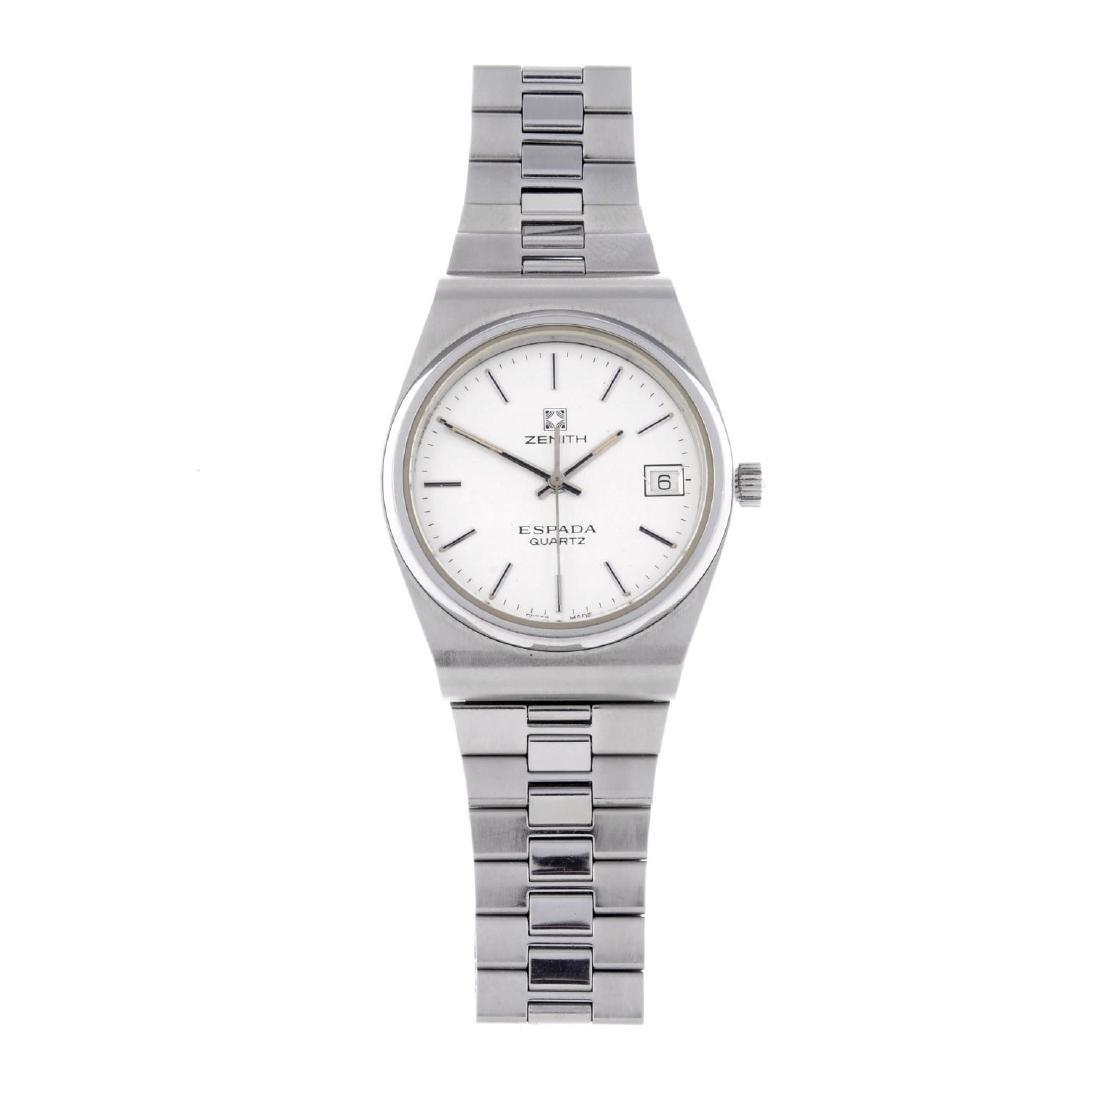 ZENITH - a gentleman's Espada bracelet watch. Stainless